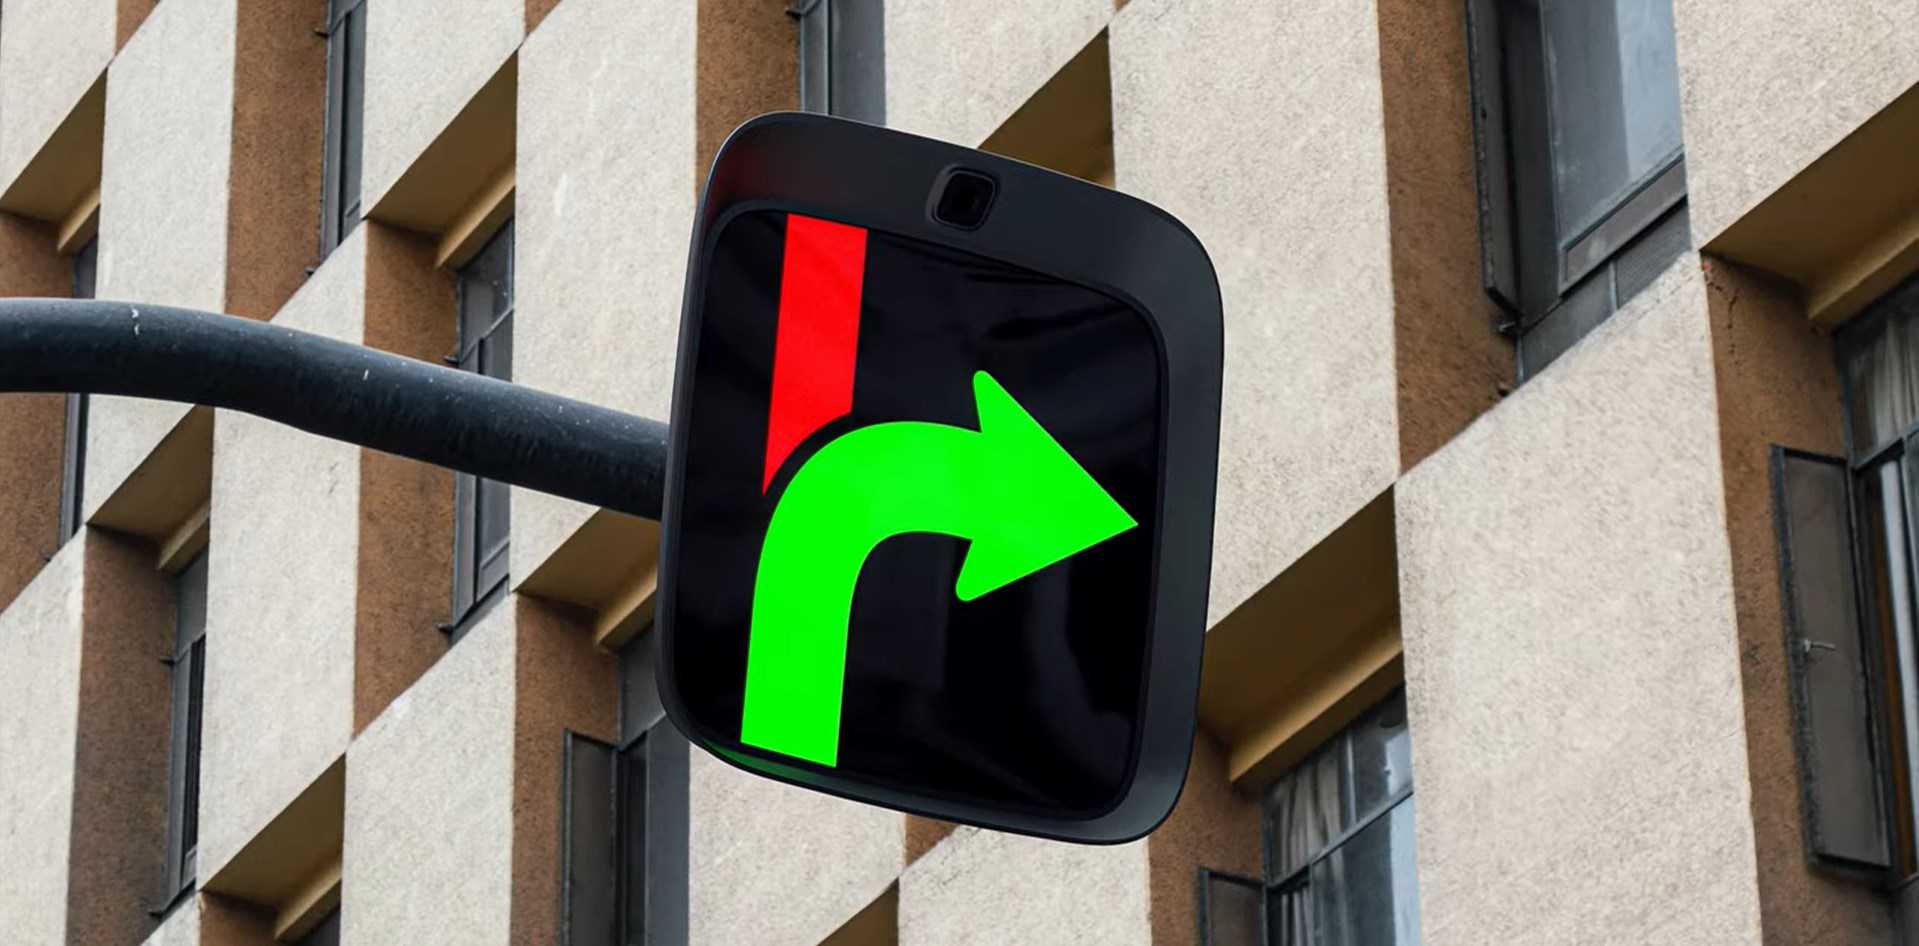 Артемий Лебедев создал очень крутые светофоры. Они появятся по всей России